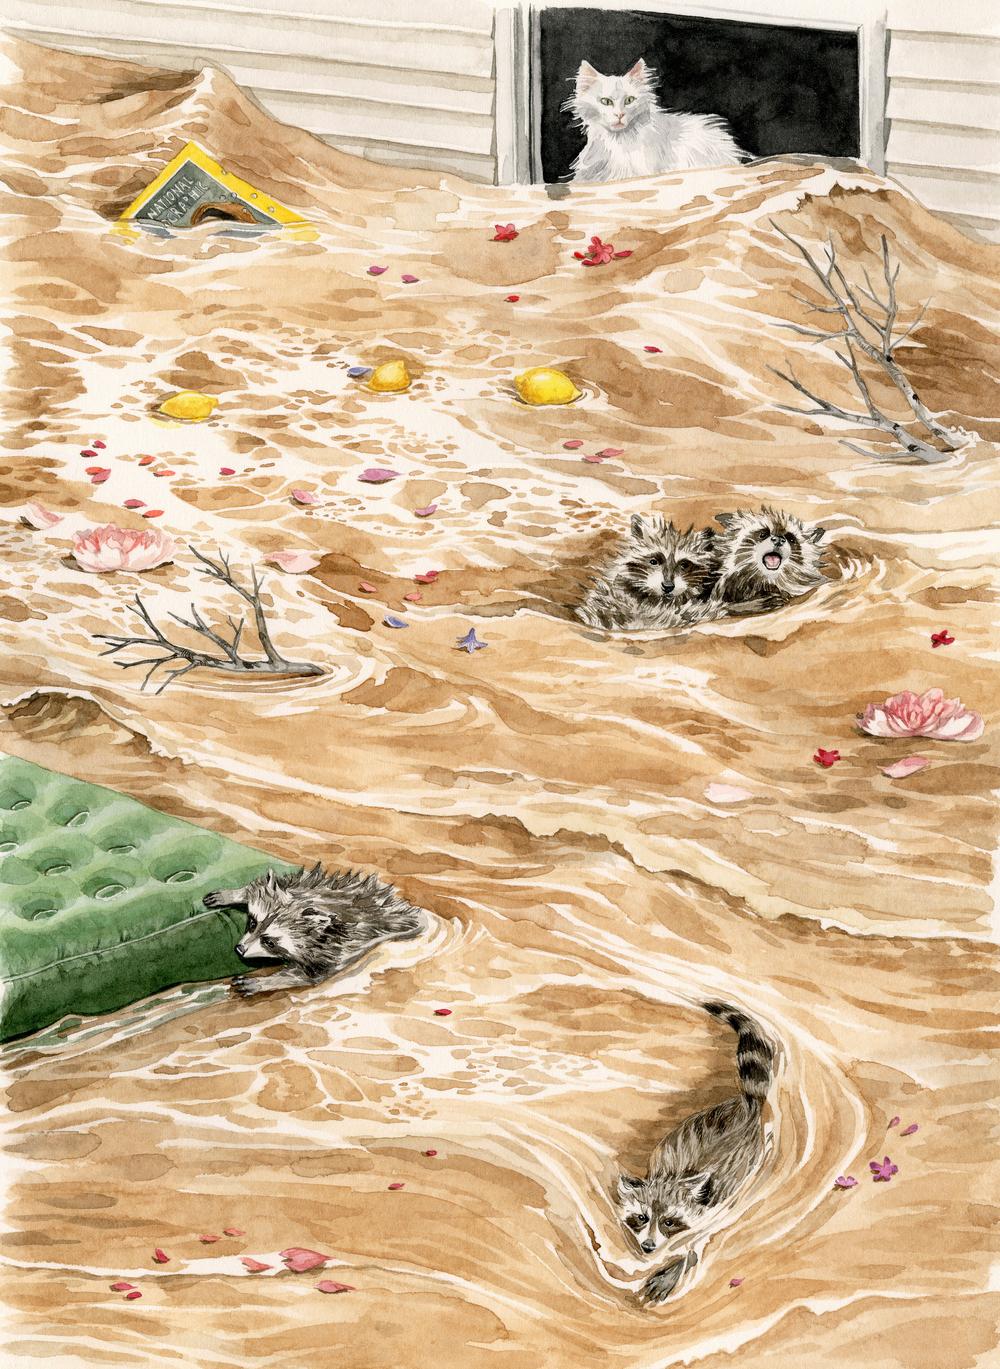 flood-lrg.jpg